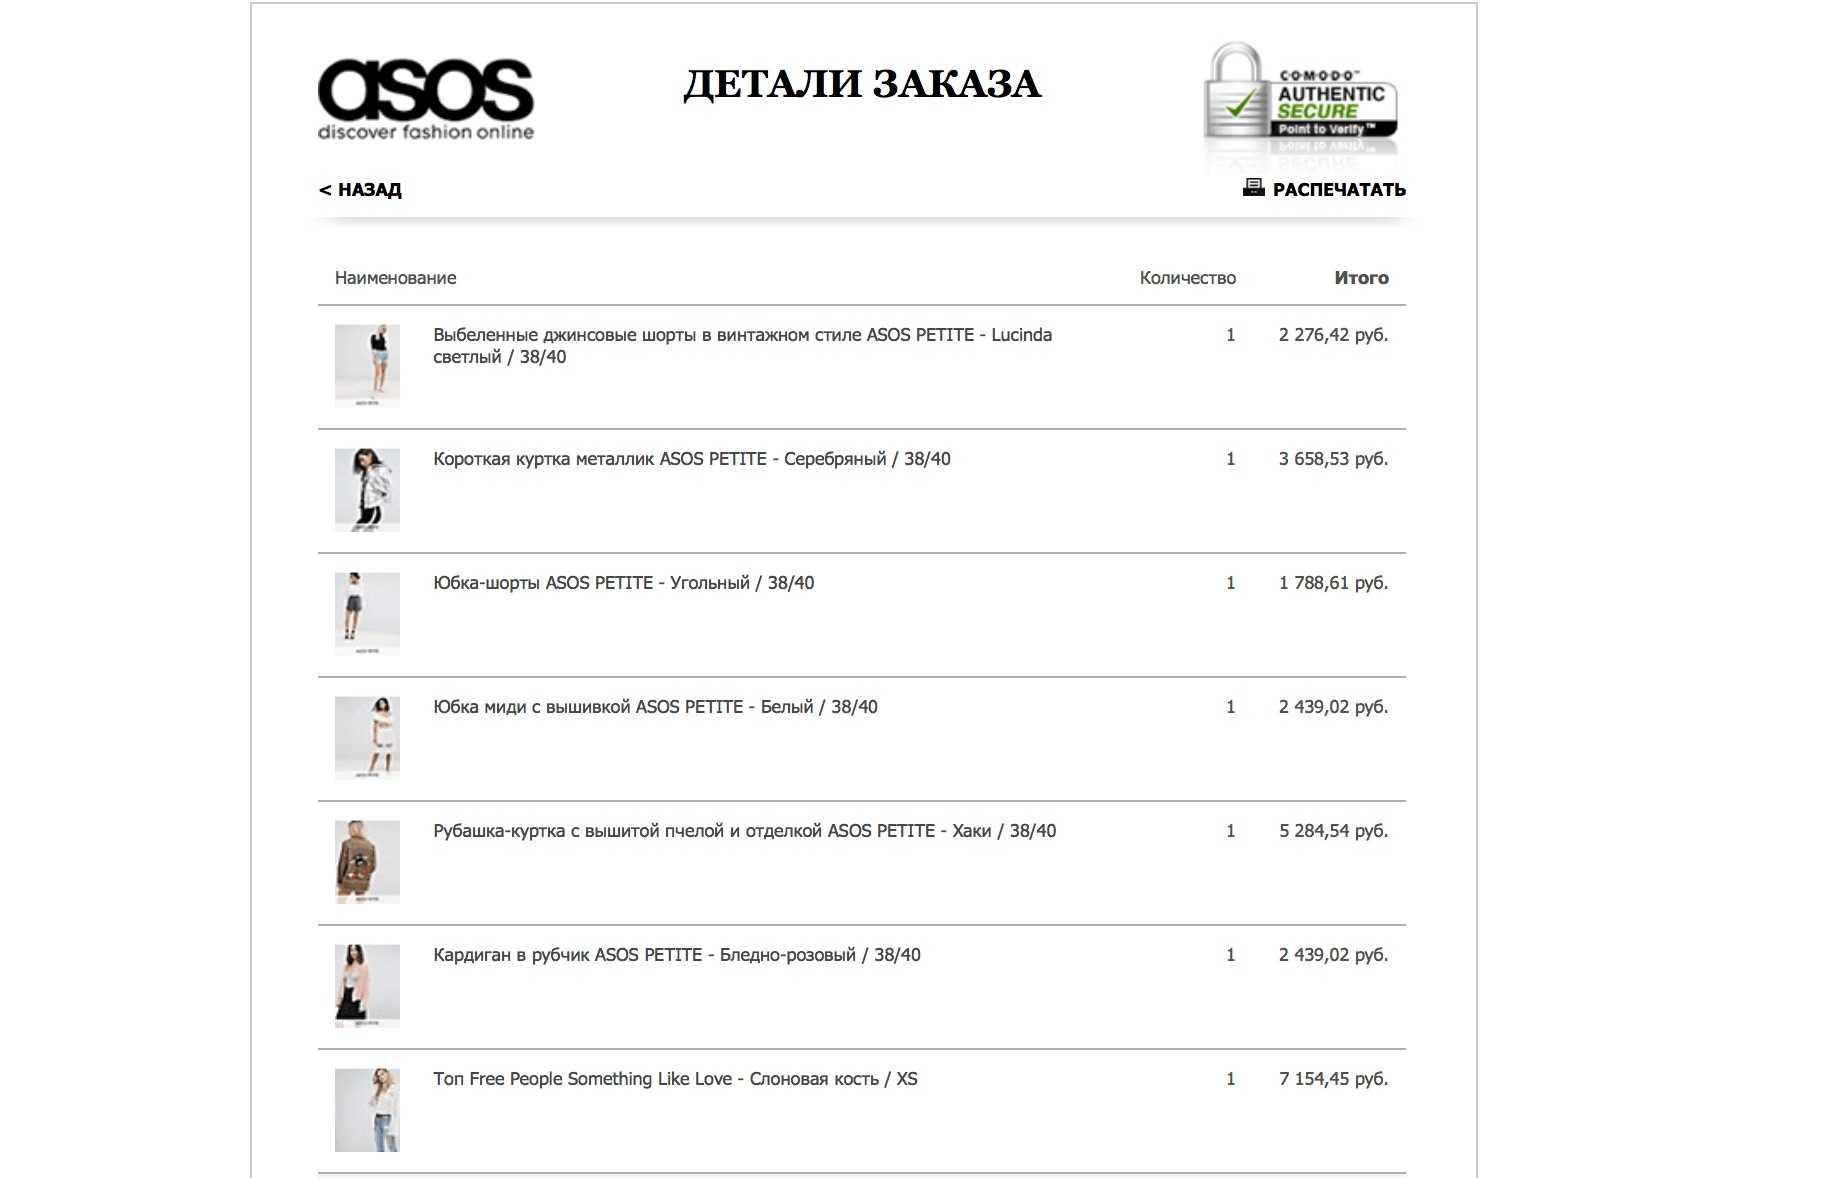 Asos petite: мои покупки в июне 2017 с примеркой и отзывами